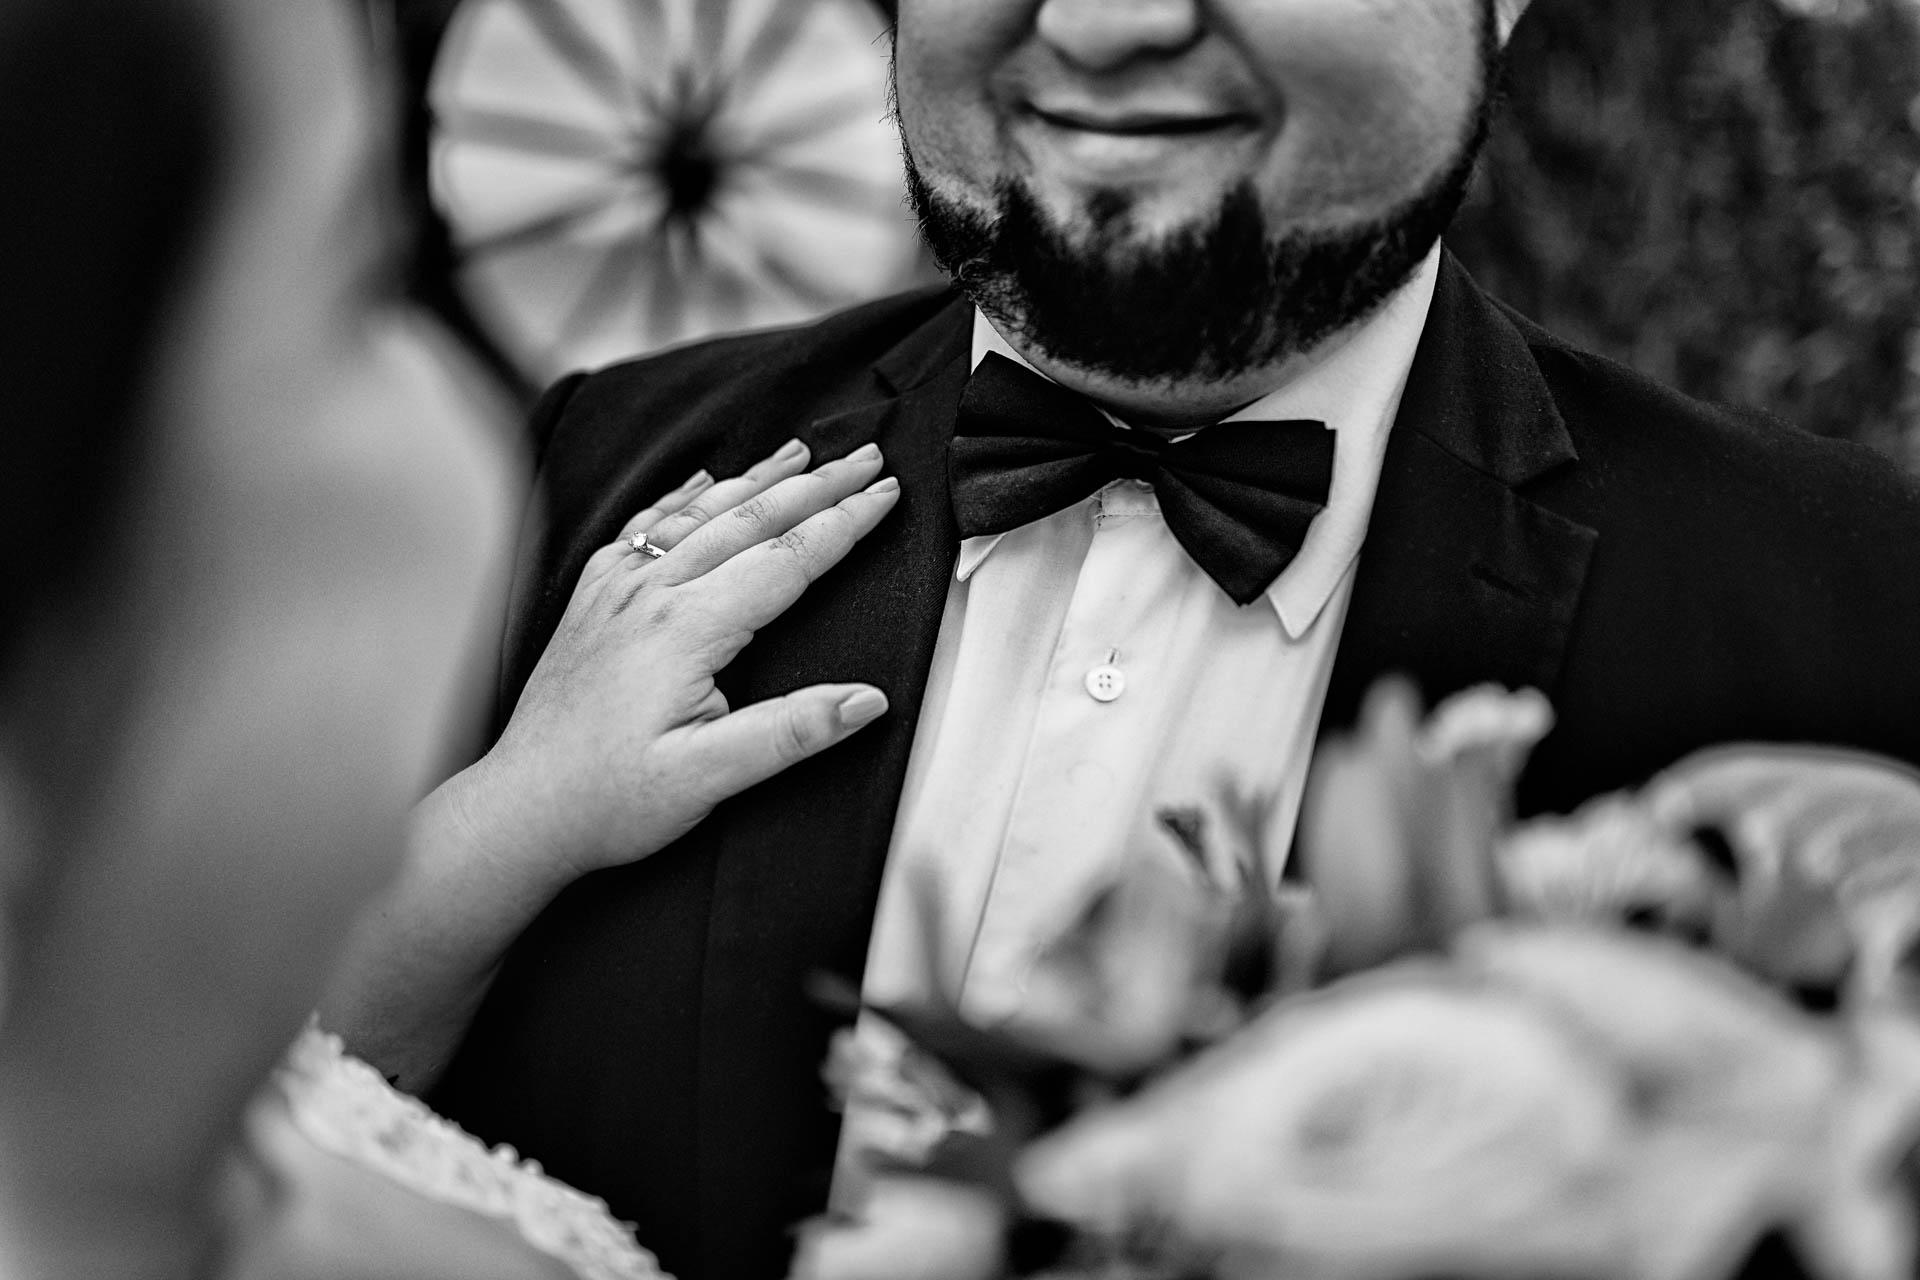 Fotografia de Boda - Foto de la sonrisa del novio